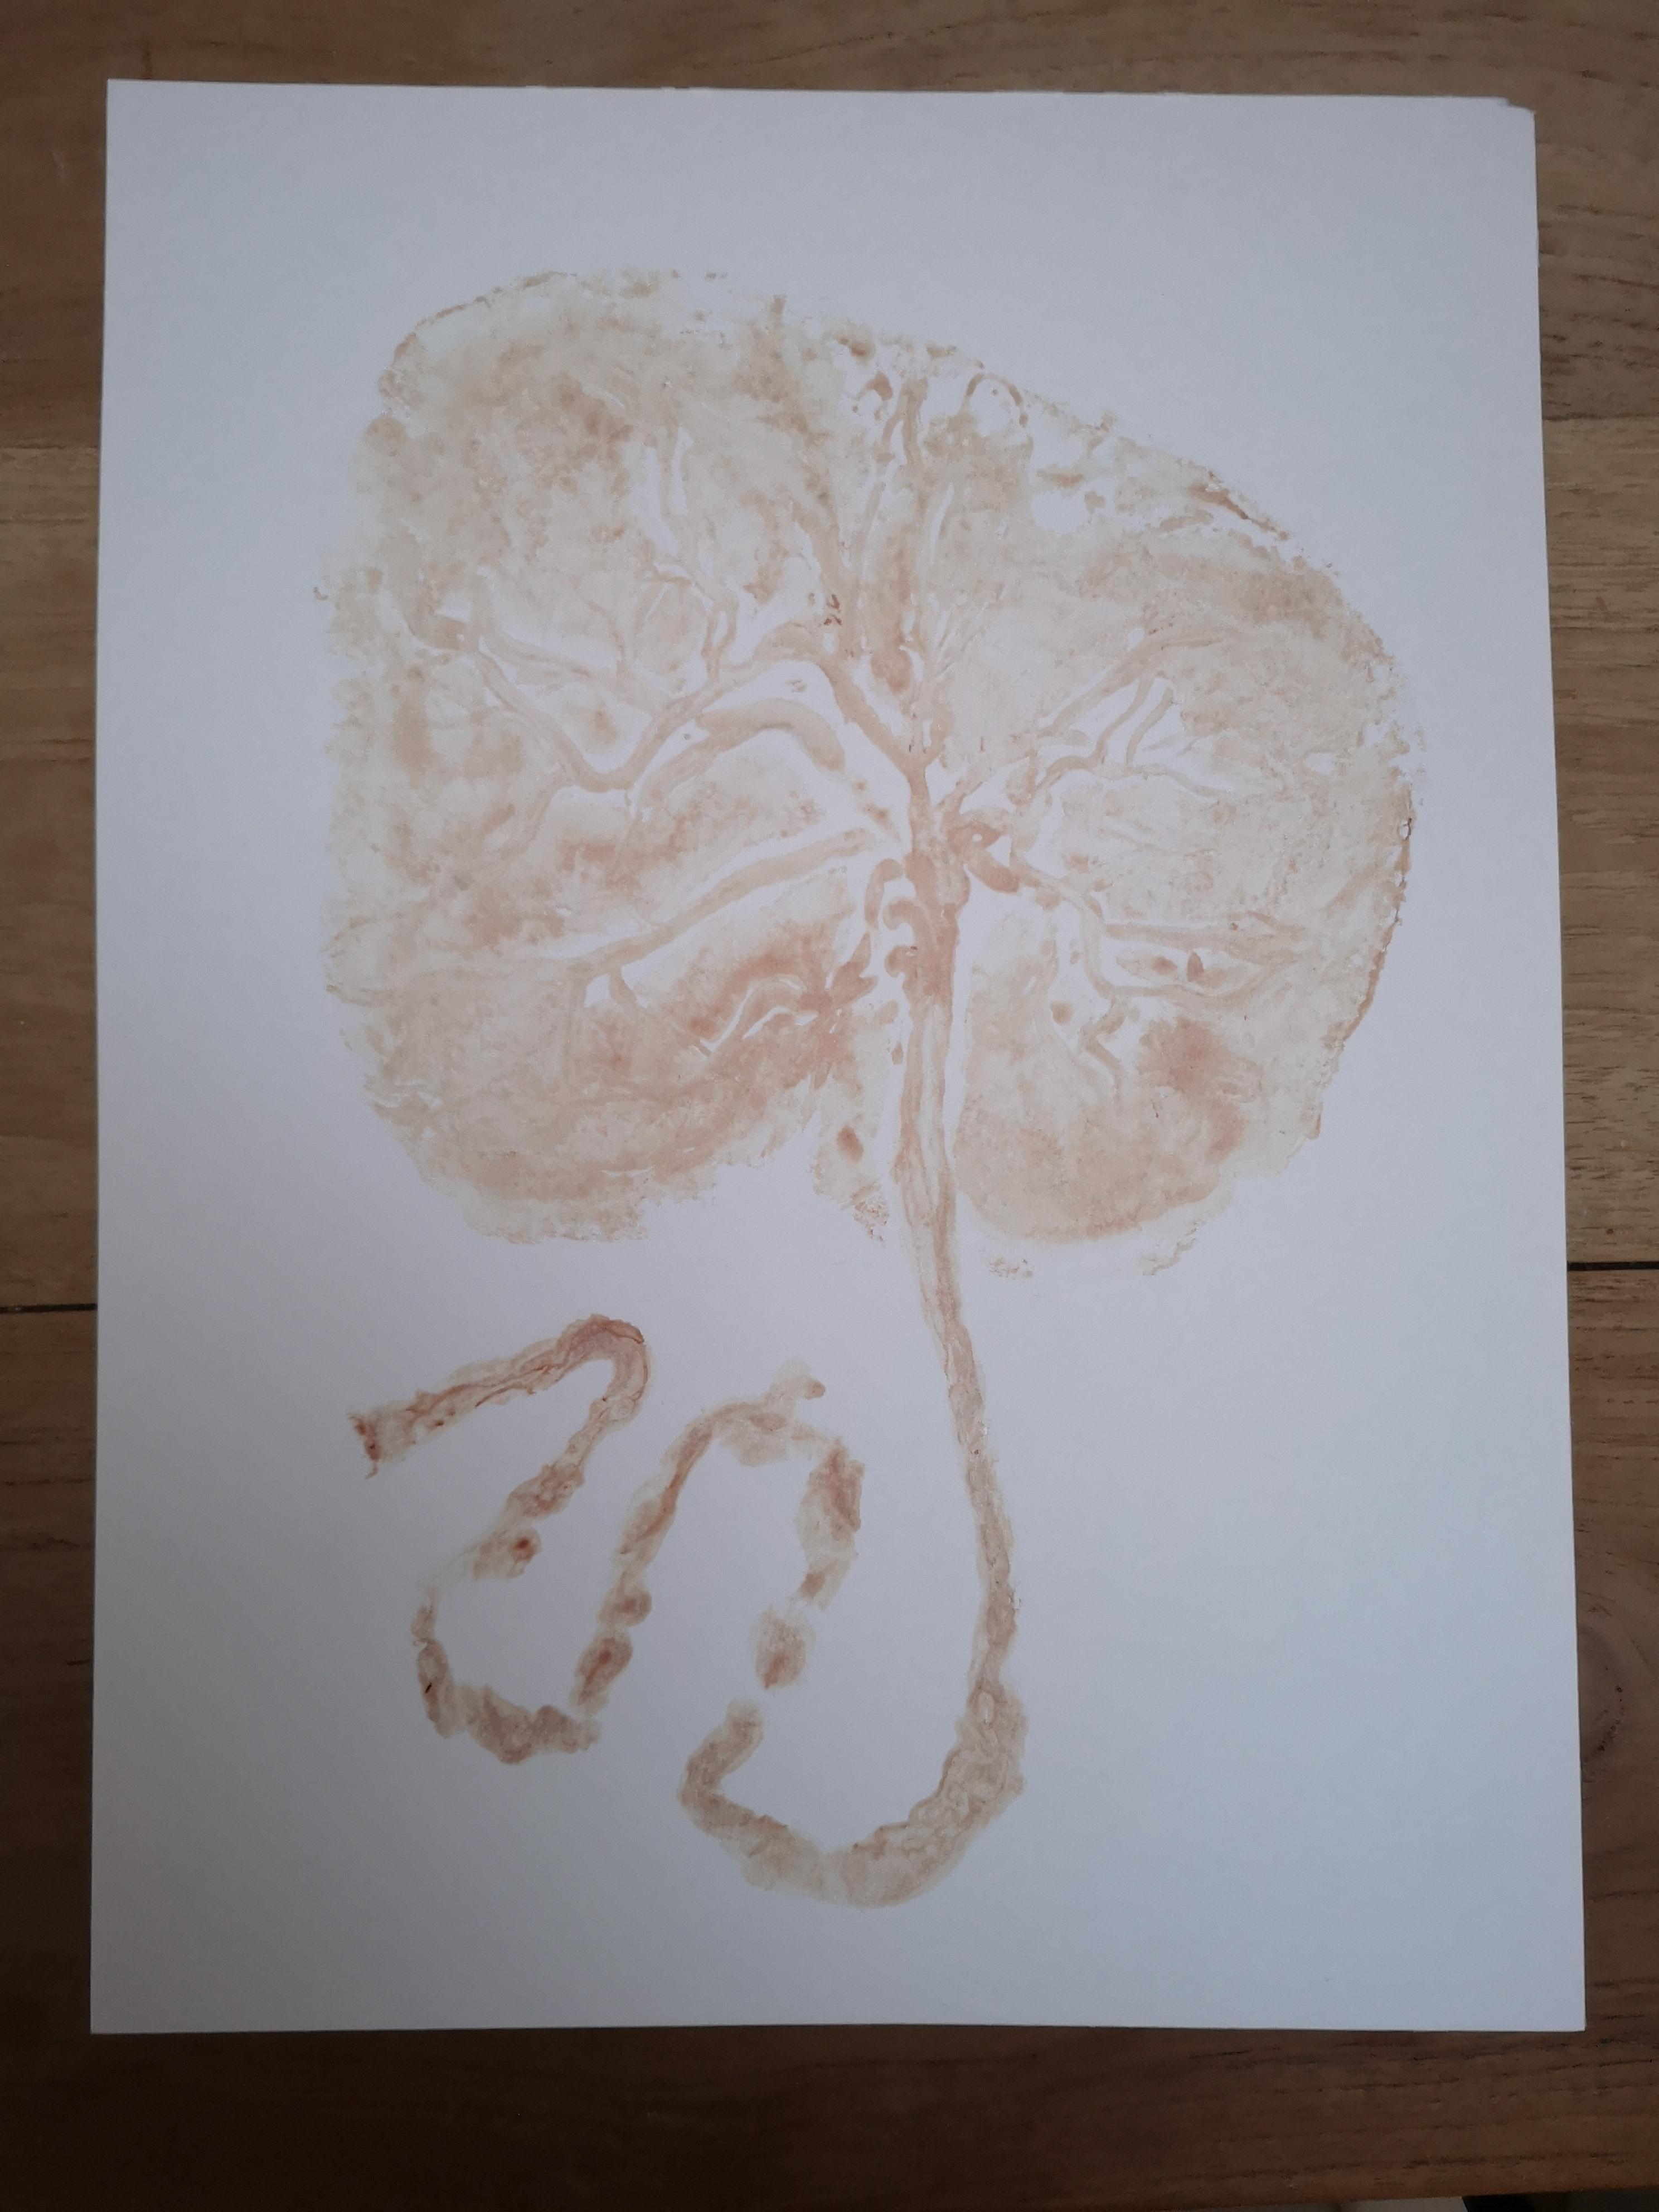 placenta navelstreng gezond